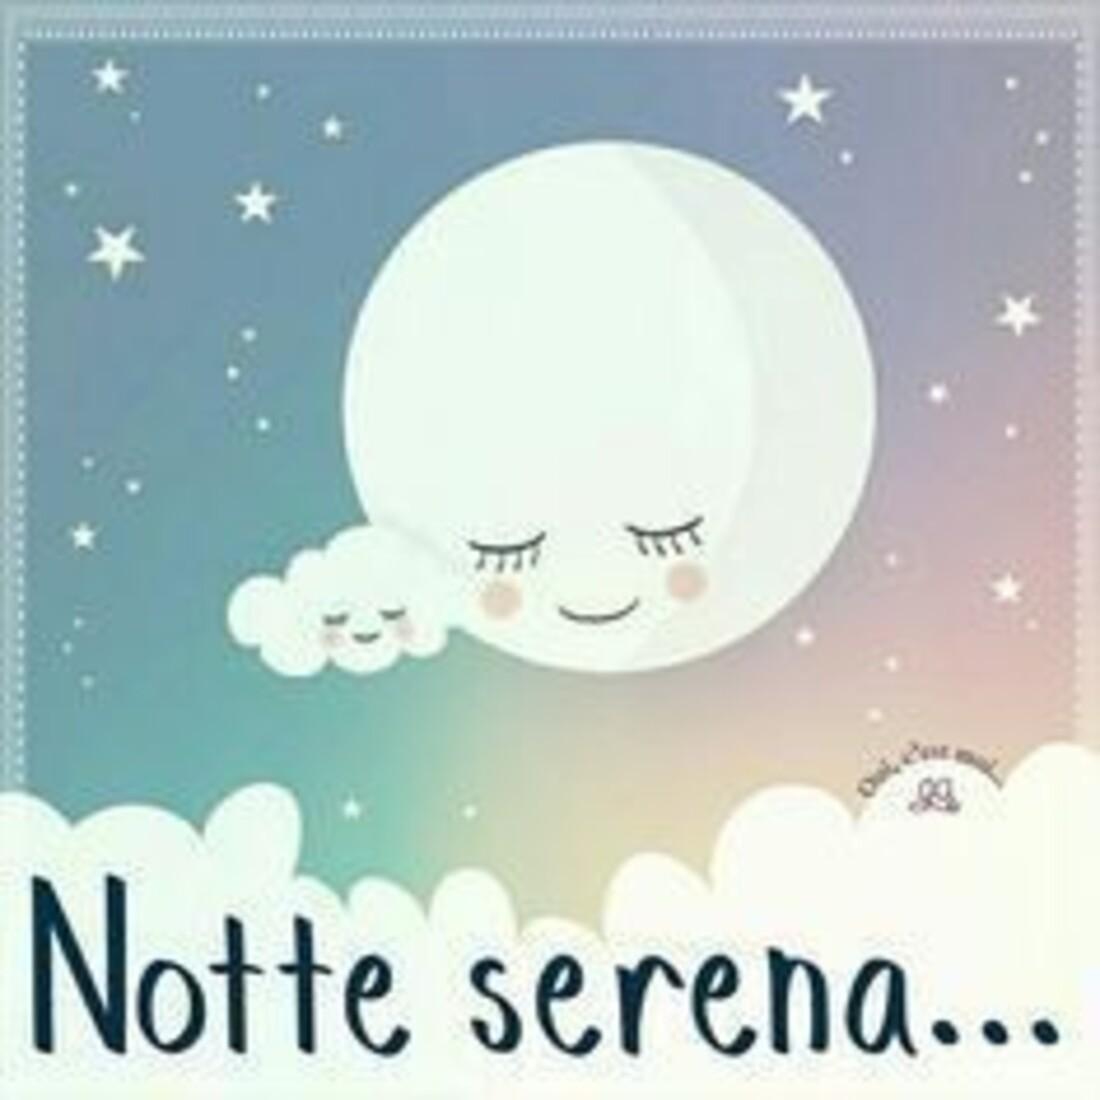 Notte serena...